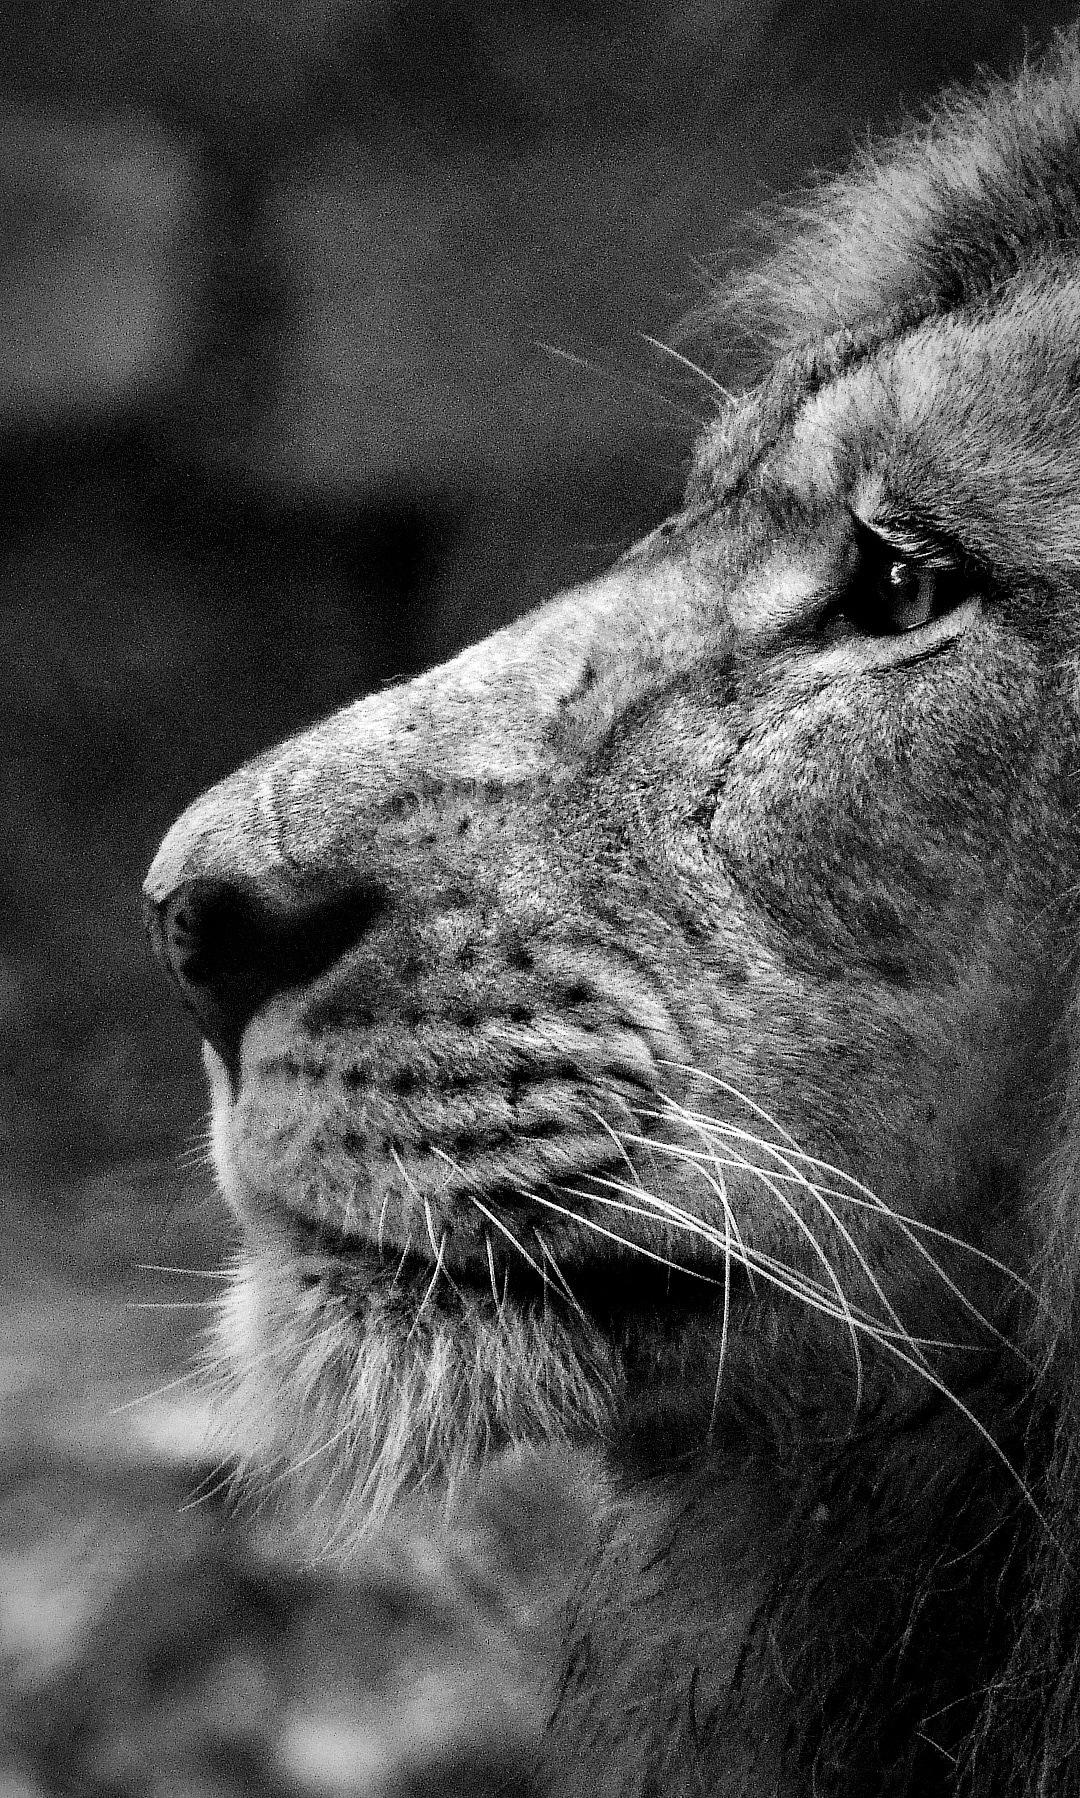 Lion King by Abhishek Gurudutt